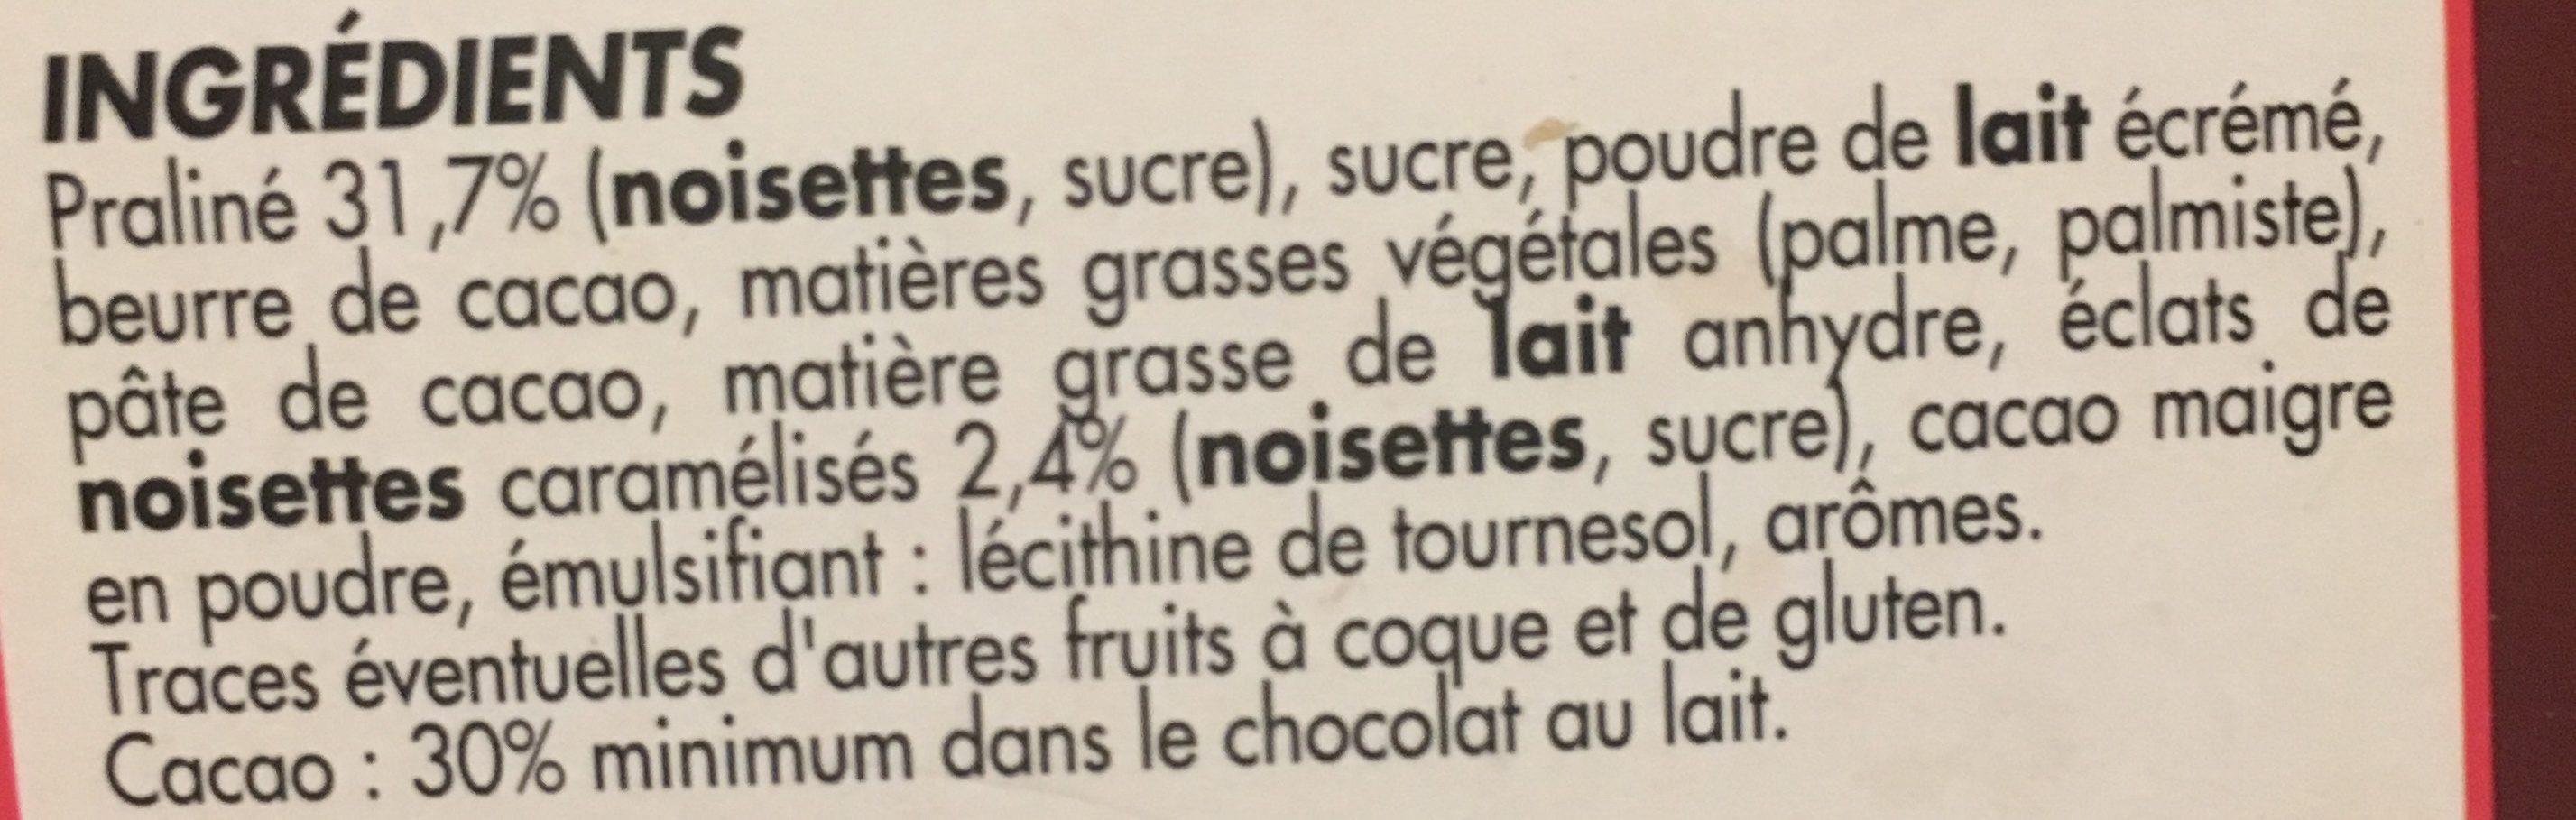 Lait praliné - Ingredients